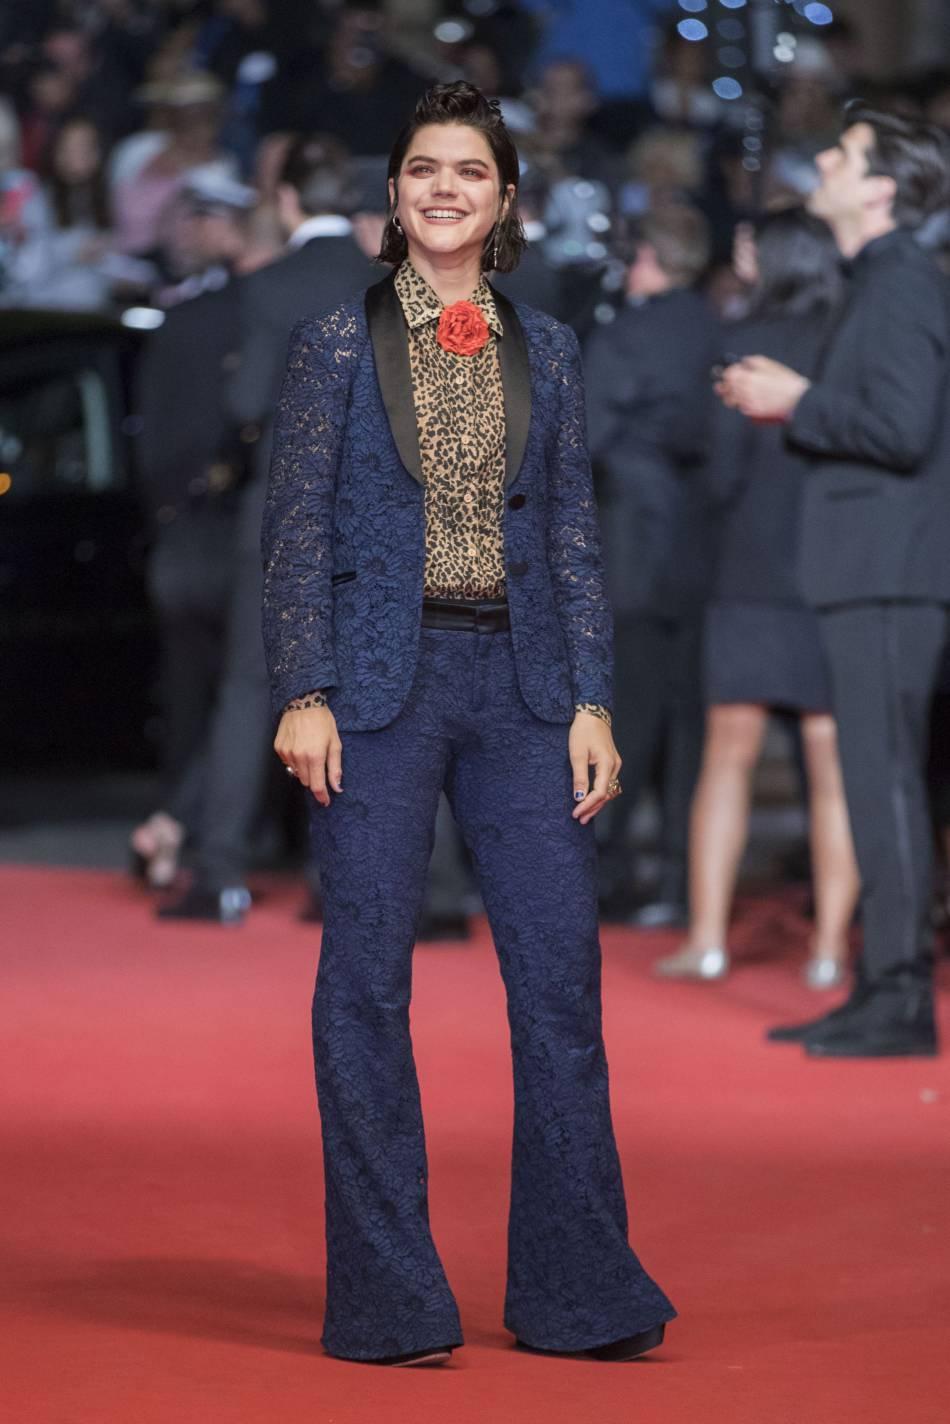 Soko a dévoilé toute son excentricité dans un ensemble pantalon et blazer en dentelle bleue et chemise léopard pour une allure résolument rock'n'roll.